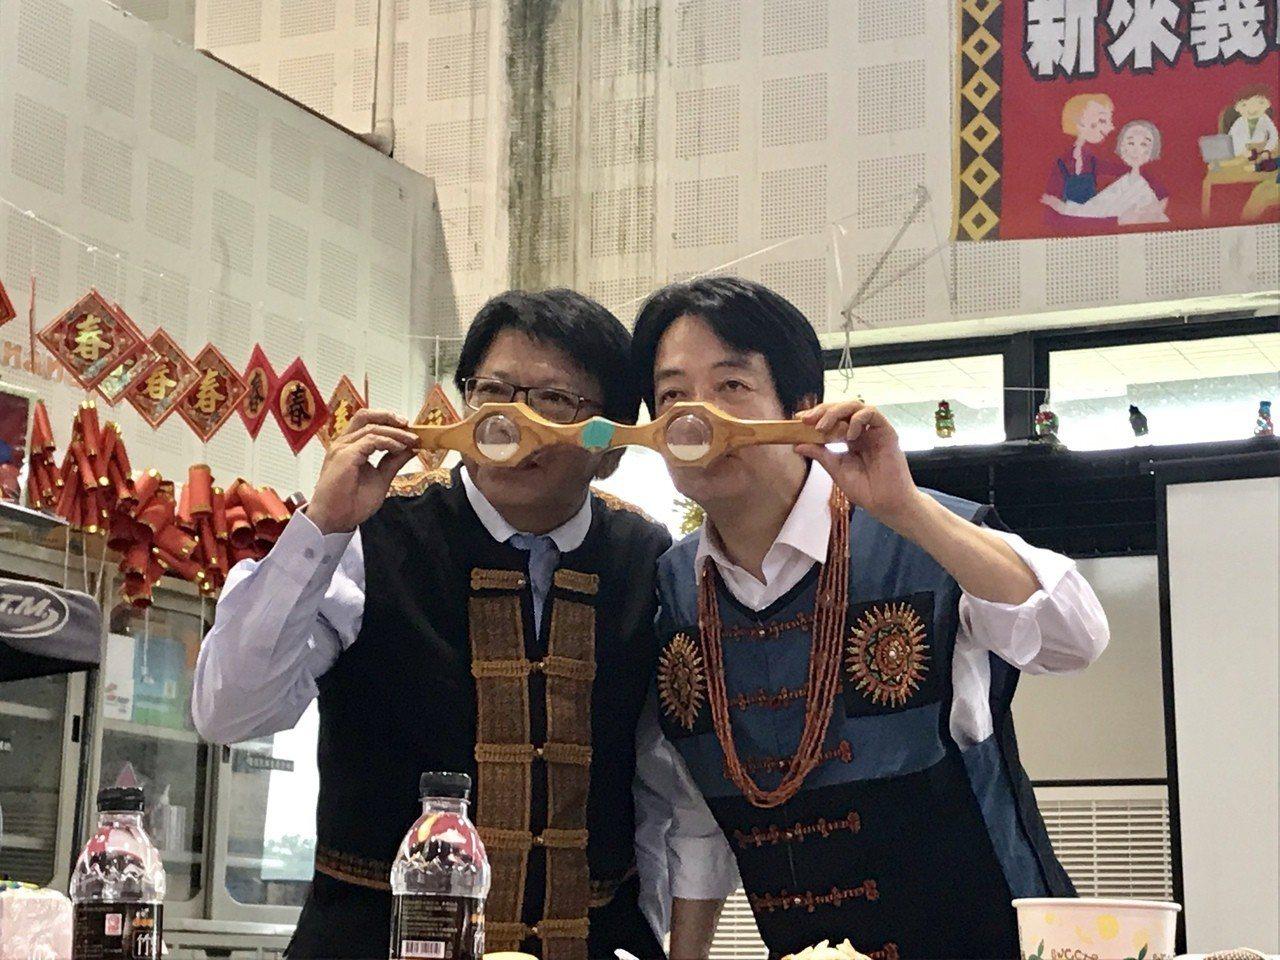 前行政院長賴清德(右)與屏東縣長潘孟安(左),共飲排灣族連杯酒。記者江國豪/攝影